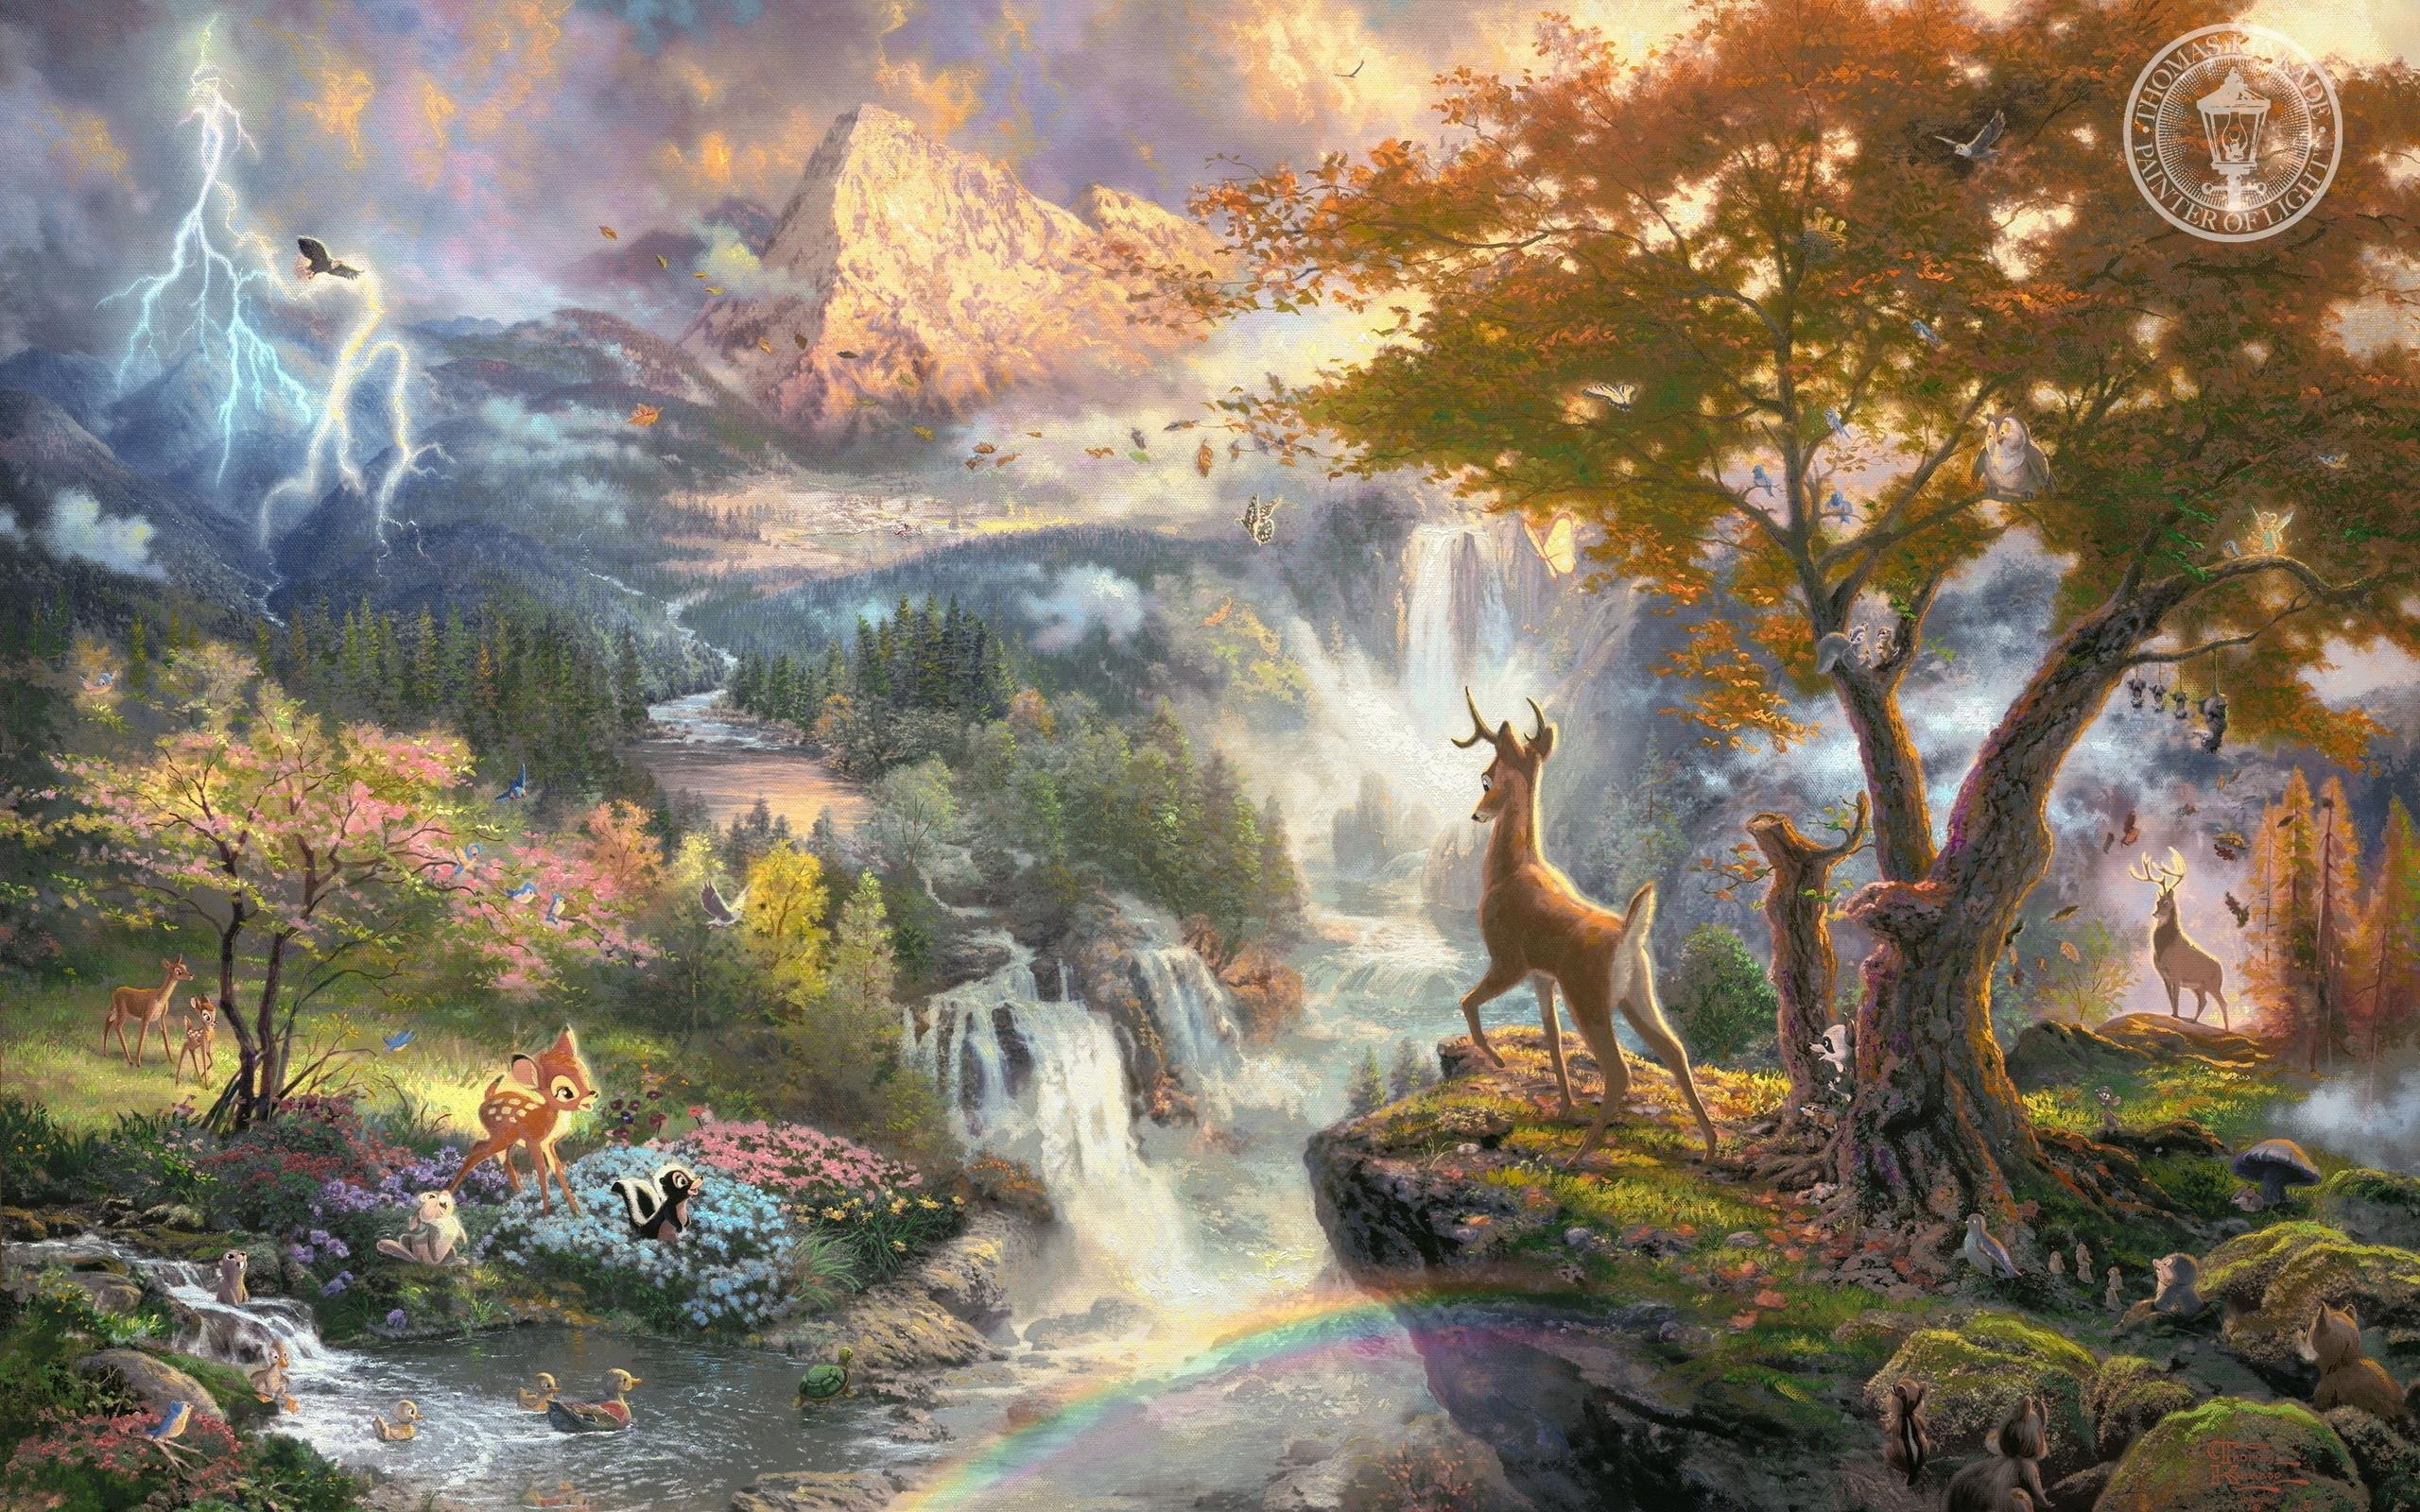 27722 Hintergrundbild herunterladen Bilder, Tiere, Landschaft, Bäume, Wasserfälle, Wild - Bildschirmschoner und Bilder kostenlos